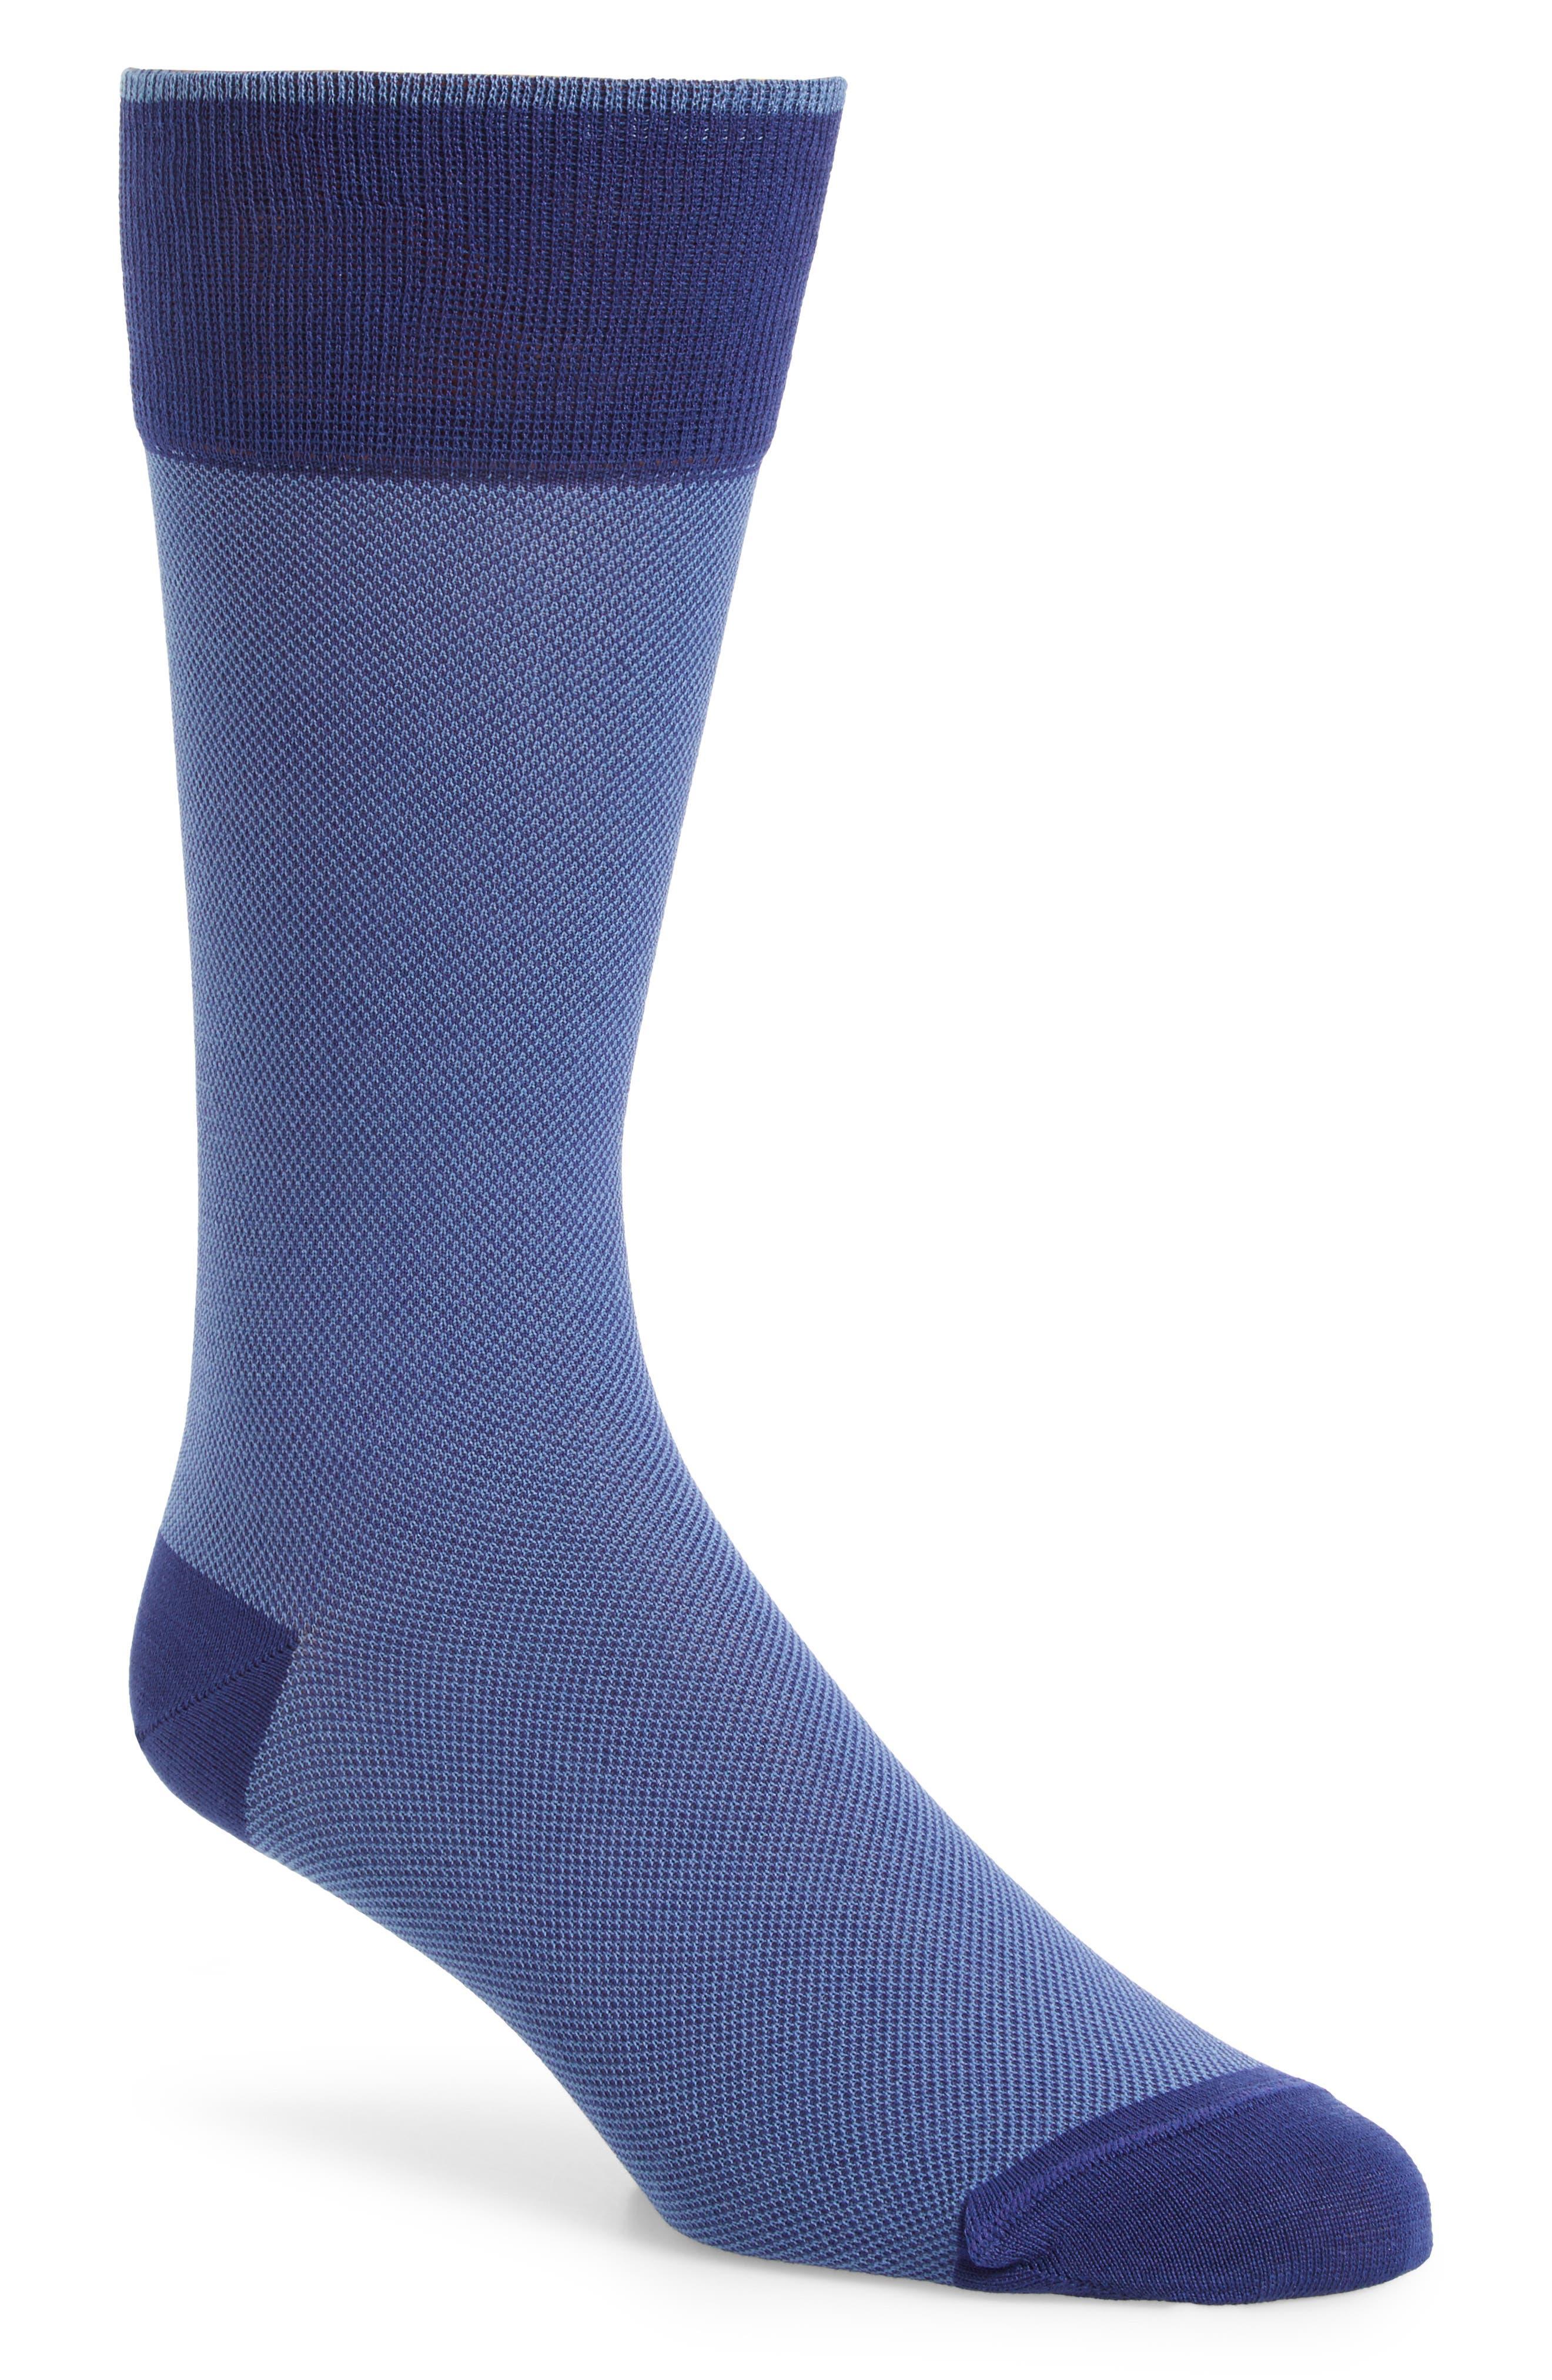 Solid Socks,                             Main thumbnail 3, color,